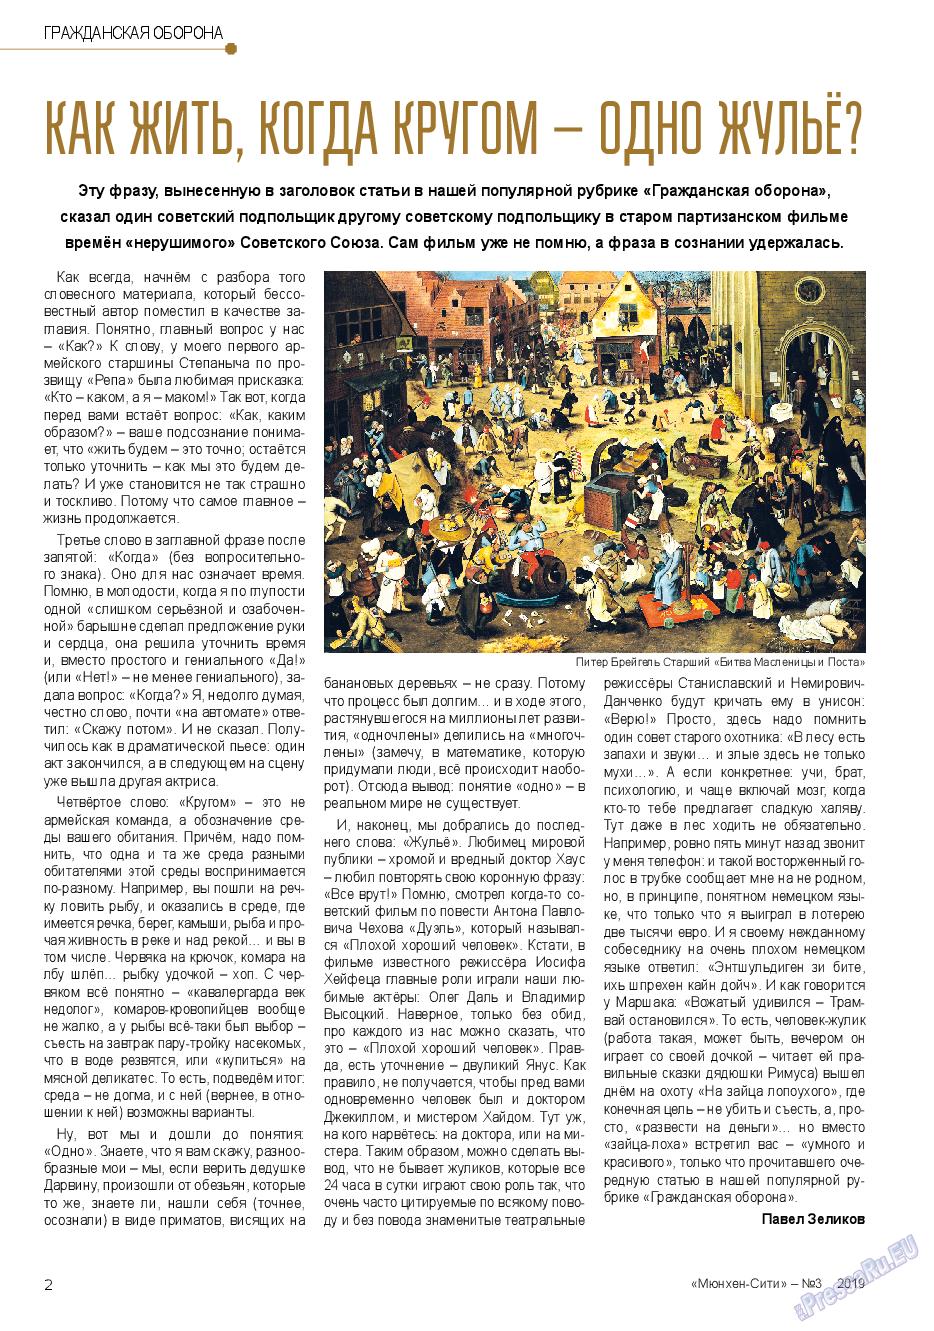 Мюнхен-сити (журнал). 2019 год, номер 91, стр. 2